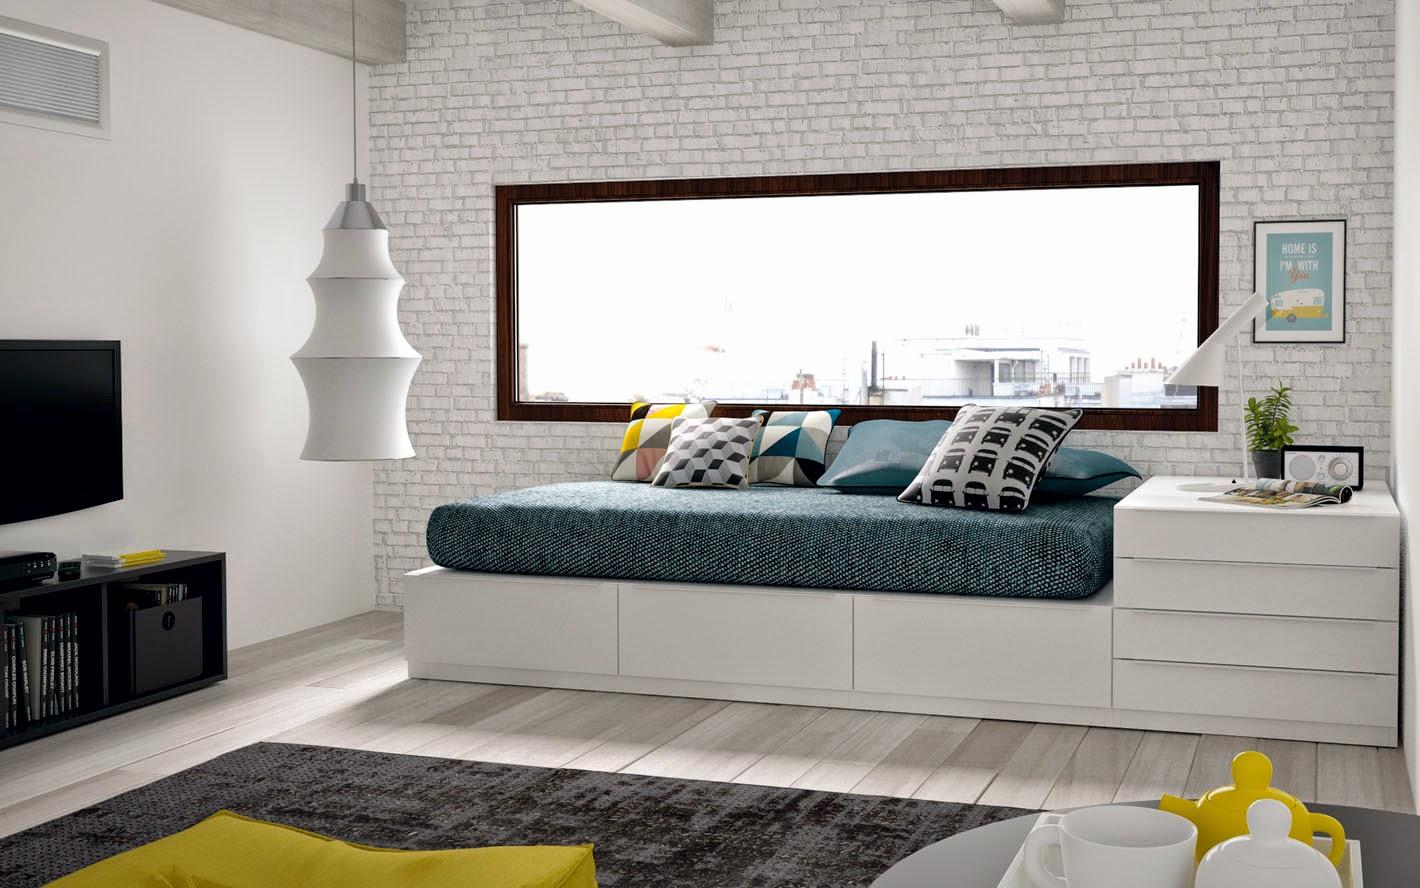 Novedades en dormitorios juveniles - Muebles dormitorio juvenil ...